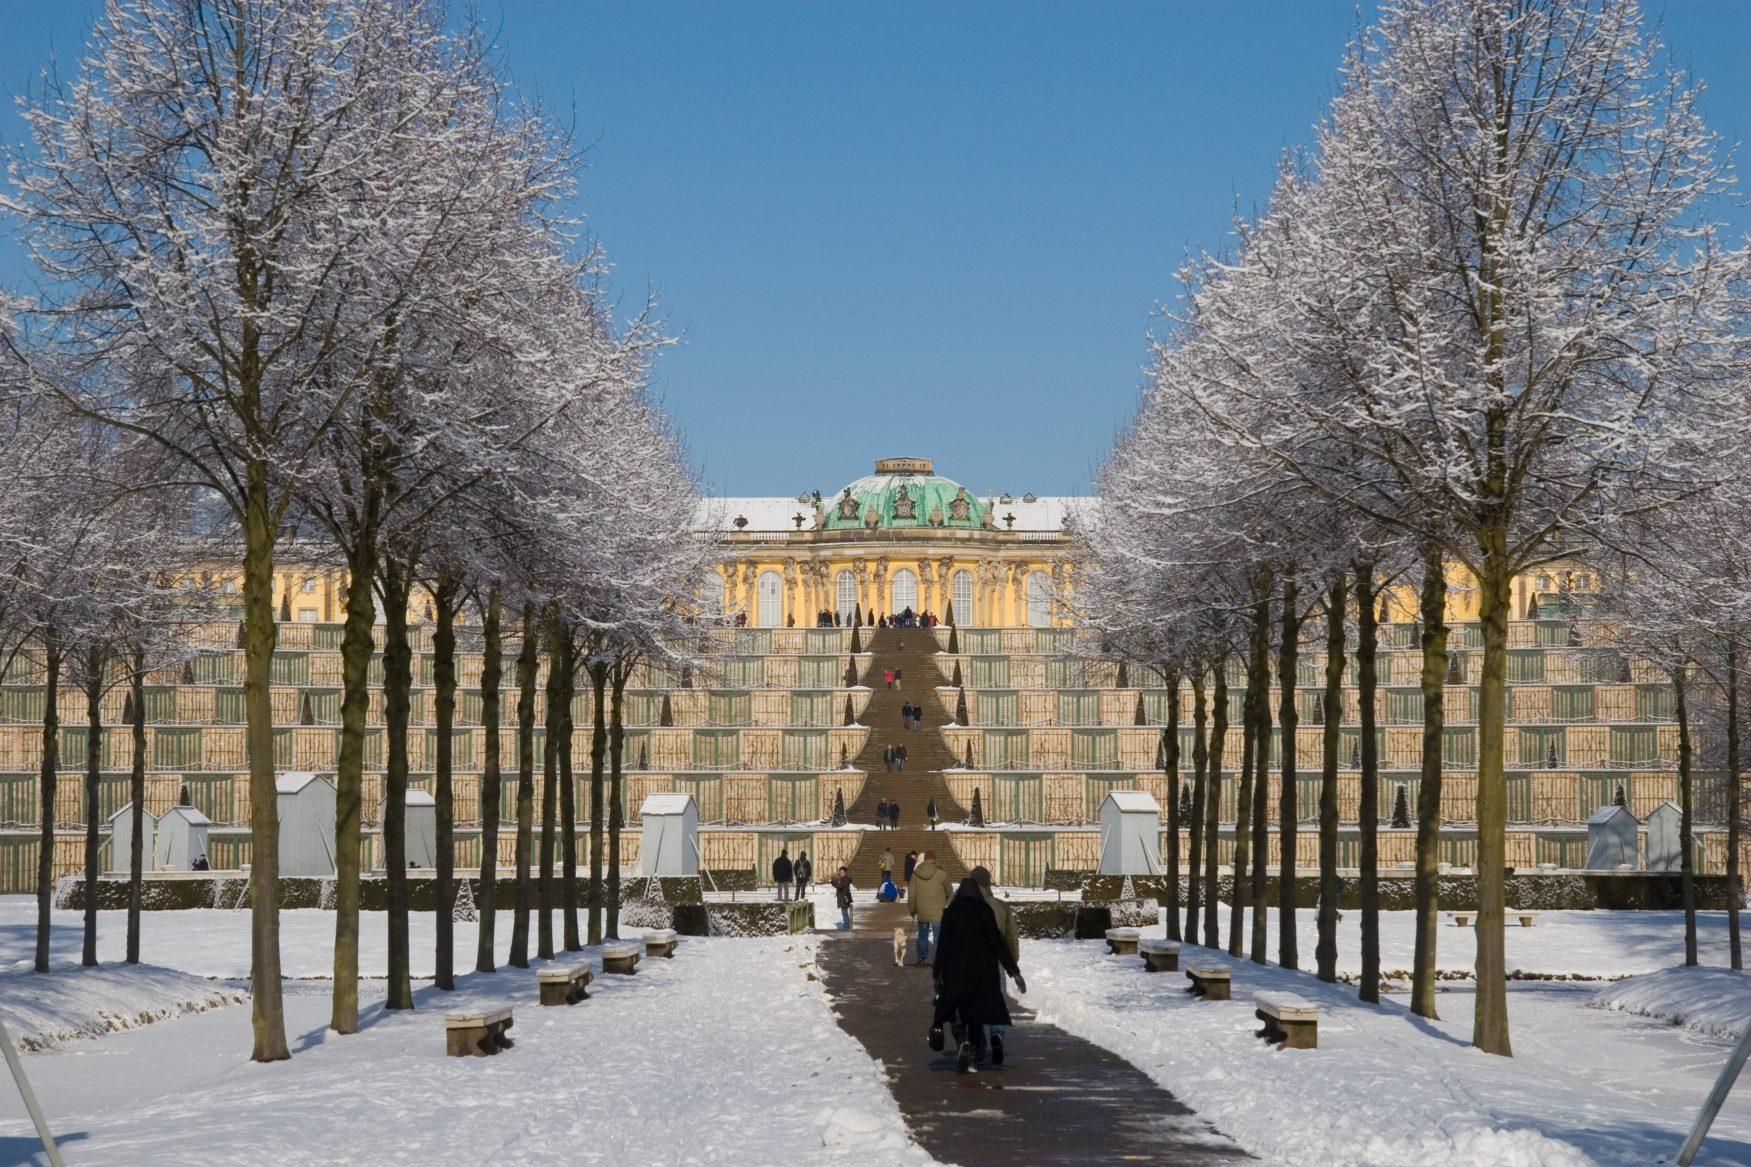 Foto: Bernd Kroeger © Stiftung Preußische Schlösser und Gärten Berlin-Brandenburg